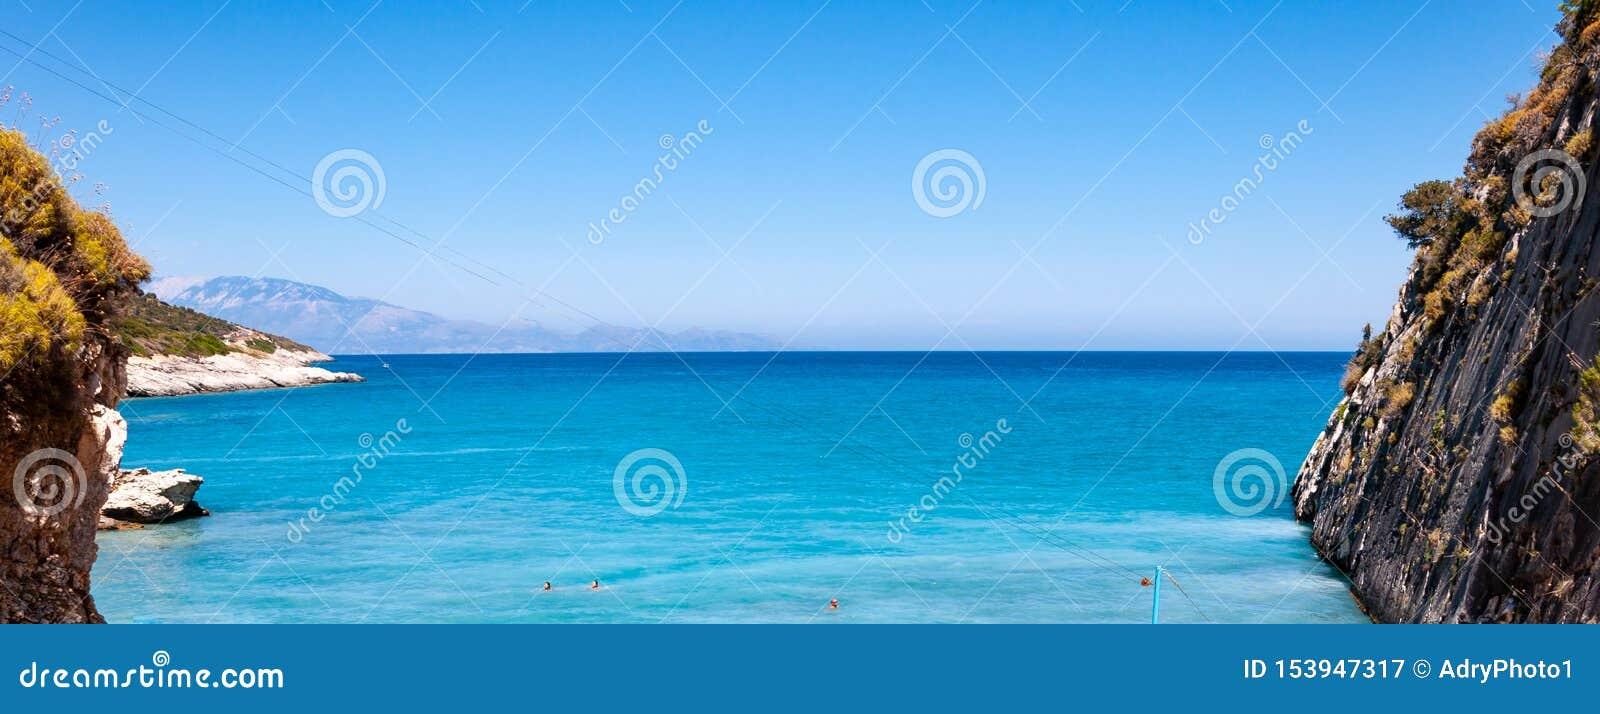 Νησί της Ζάκυνθου, Ελλάδα Ένα μαργαριτάρι της Μεσογείου με τις παραλίες και τις ακτές κατάλληλες για τις αξέχαστες διακοπές θάλασ